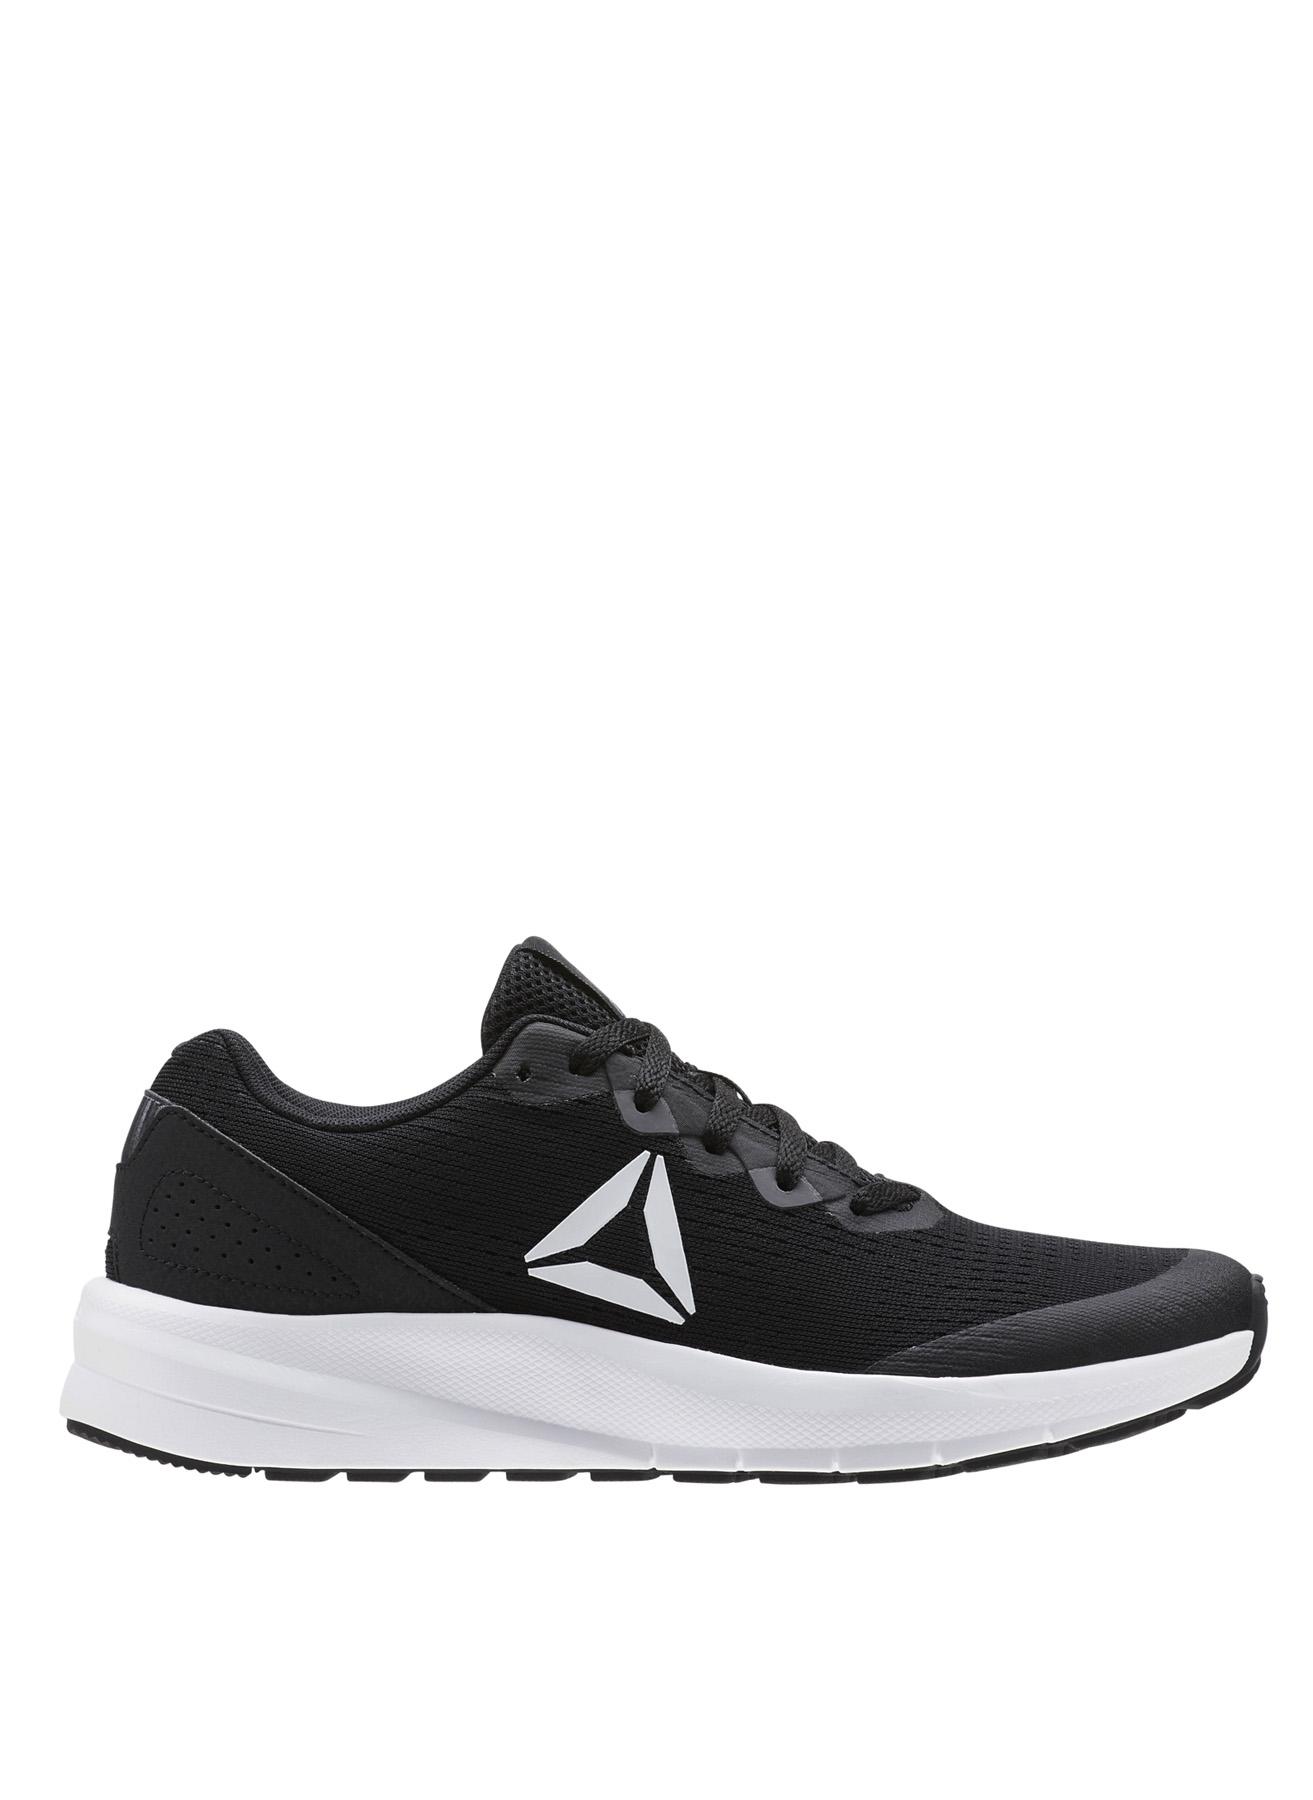 Reebok Runner 3.0 Koşu Ayakkabısı 36 5001633315001 Ürün Resmi